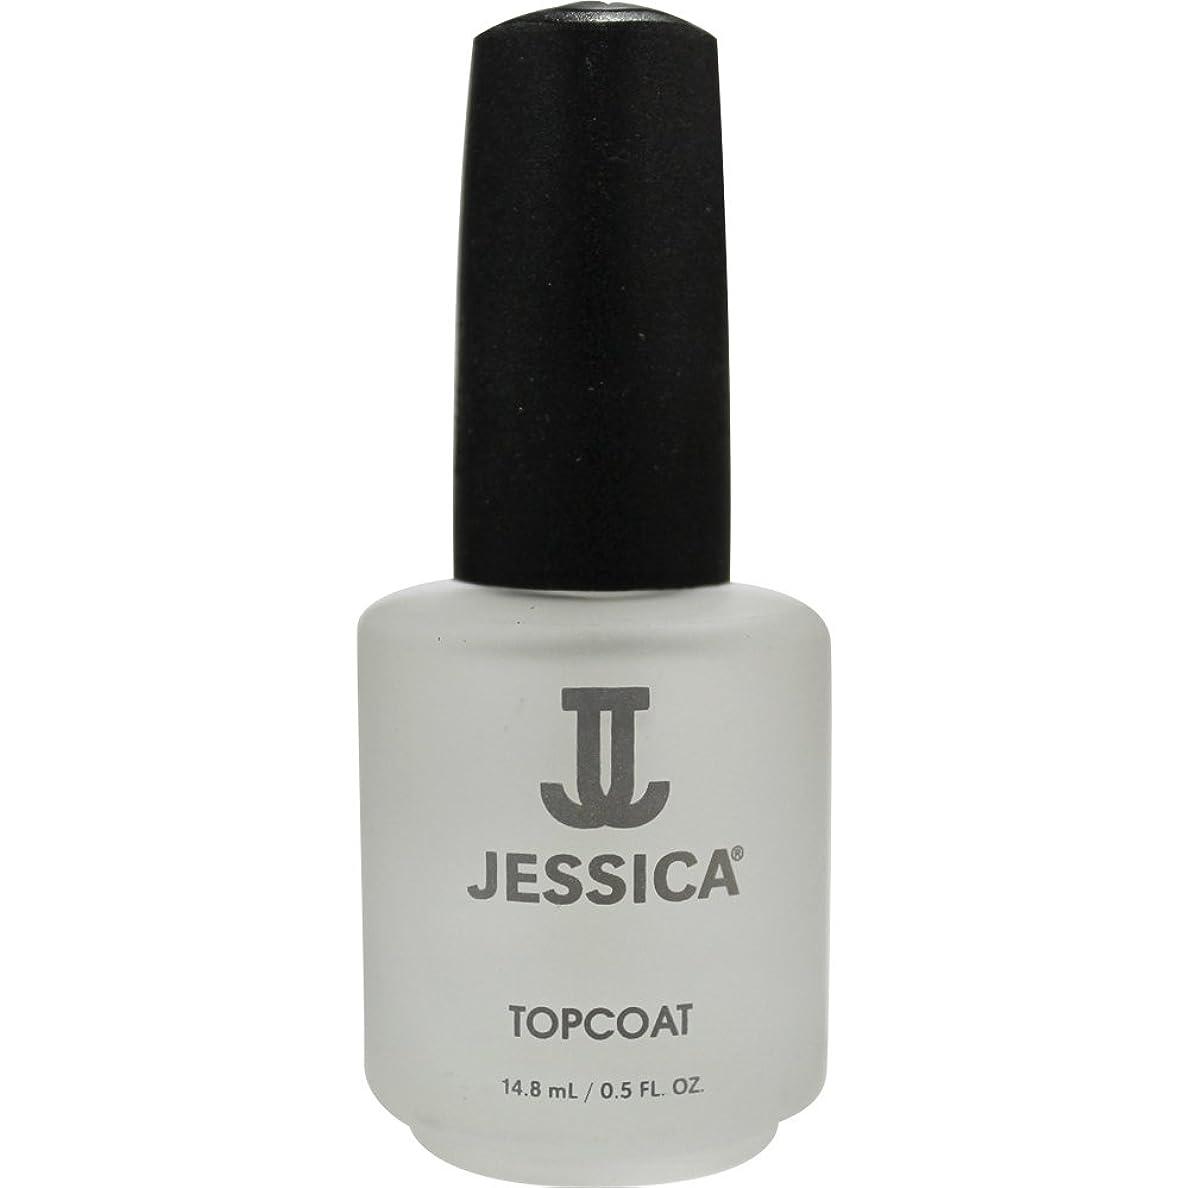 抑止する確かに無限大JESSICA トップコート 14.8ml